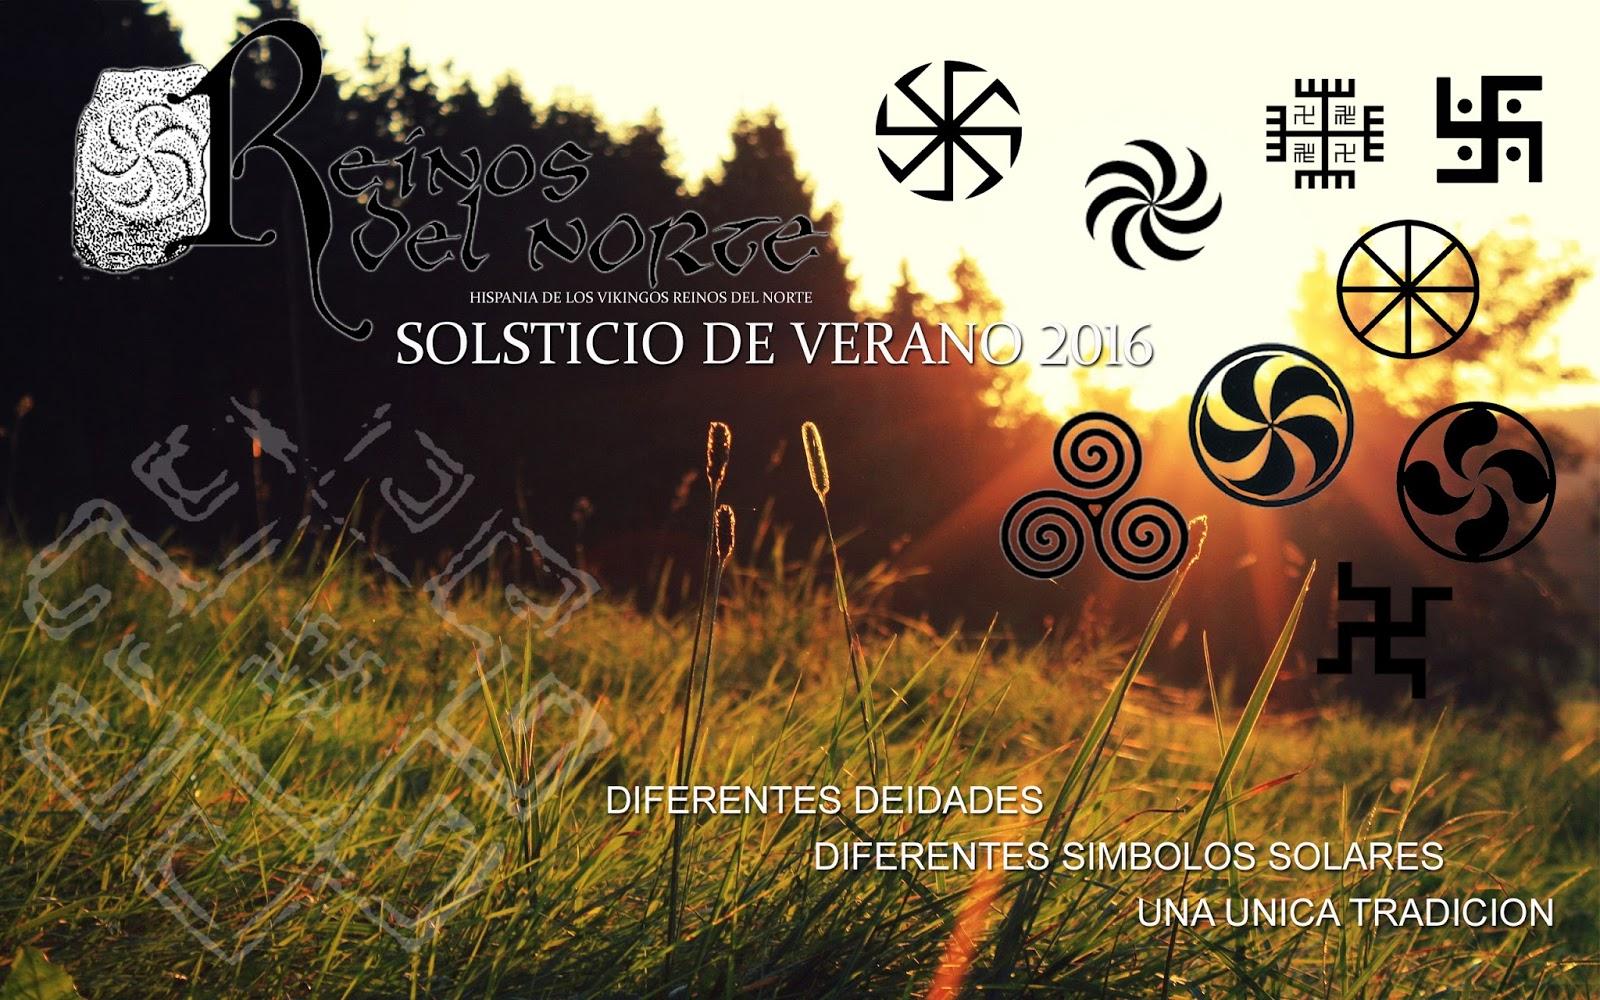 la hispania de los vikingos feliz solsticio de verano